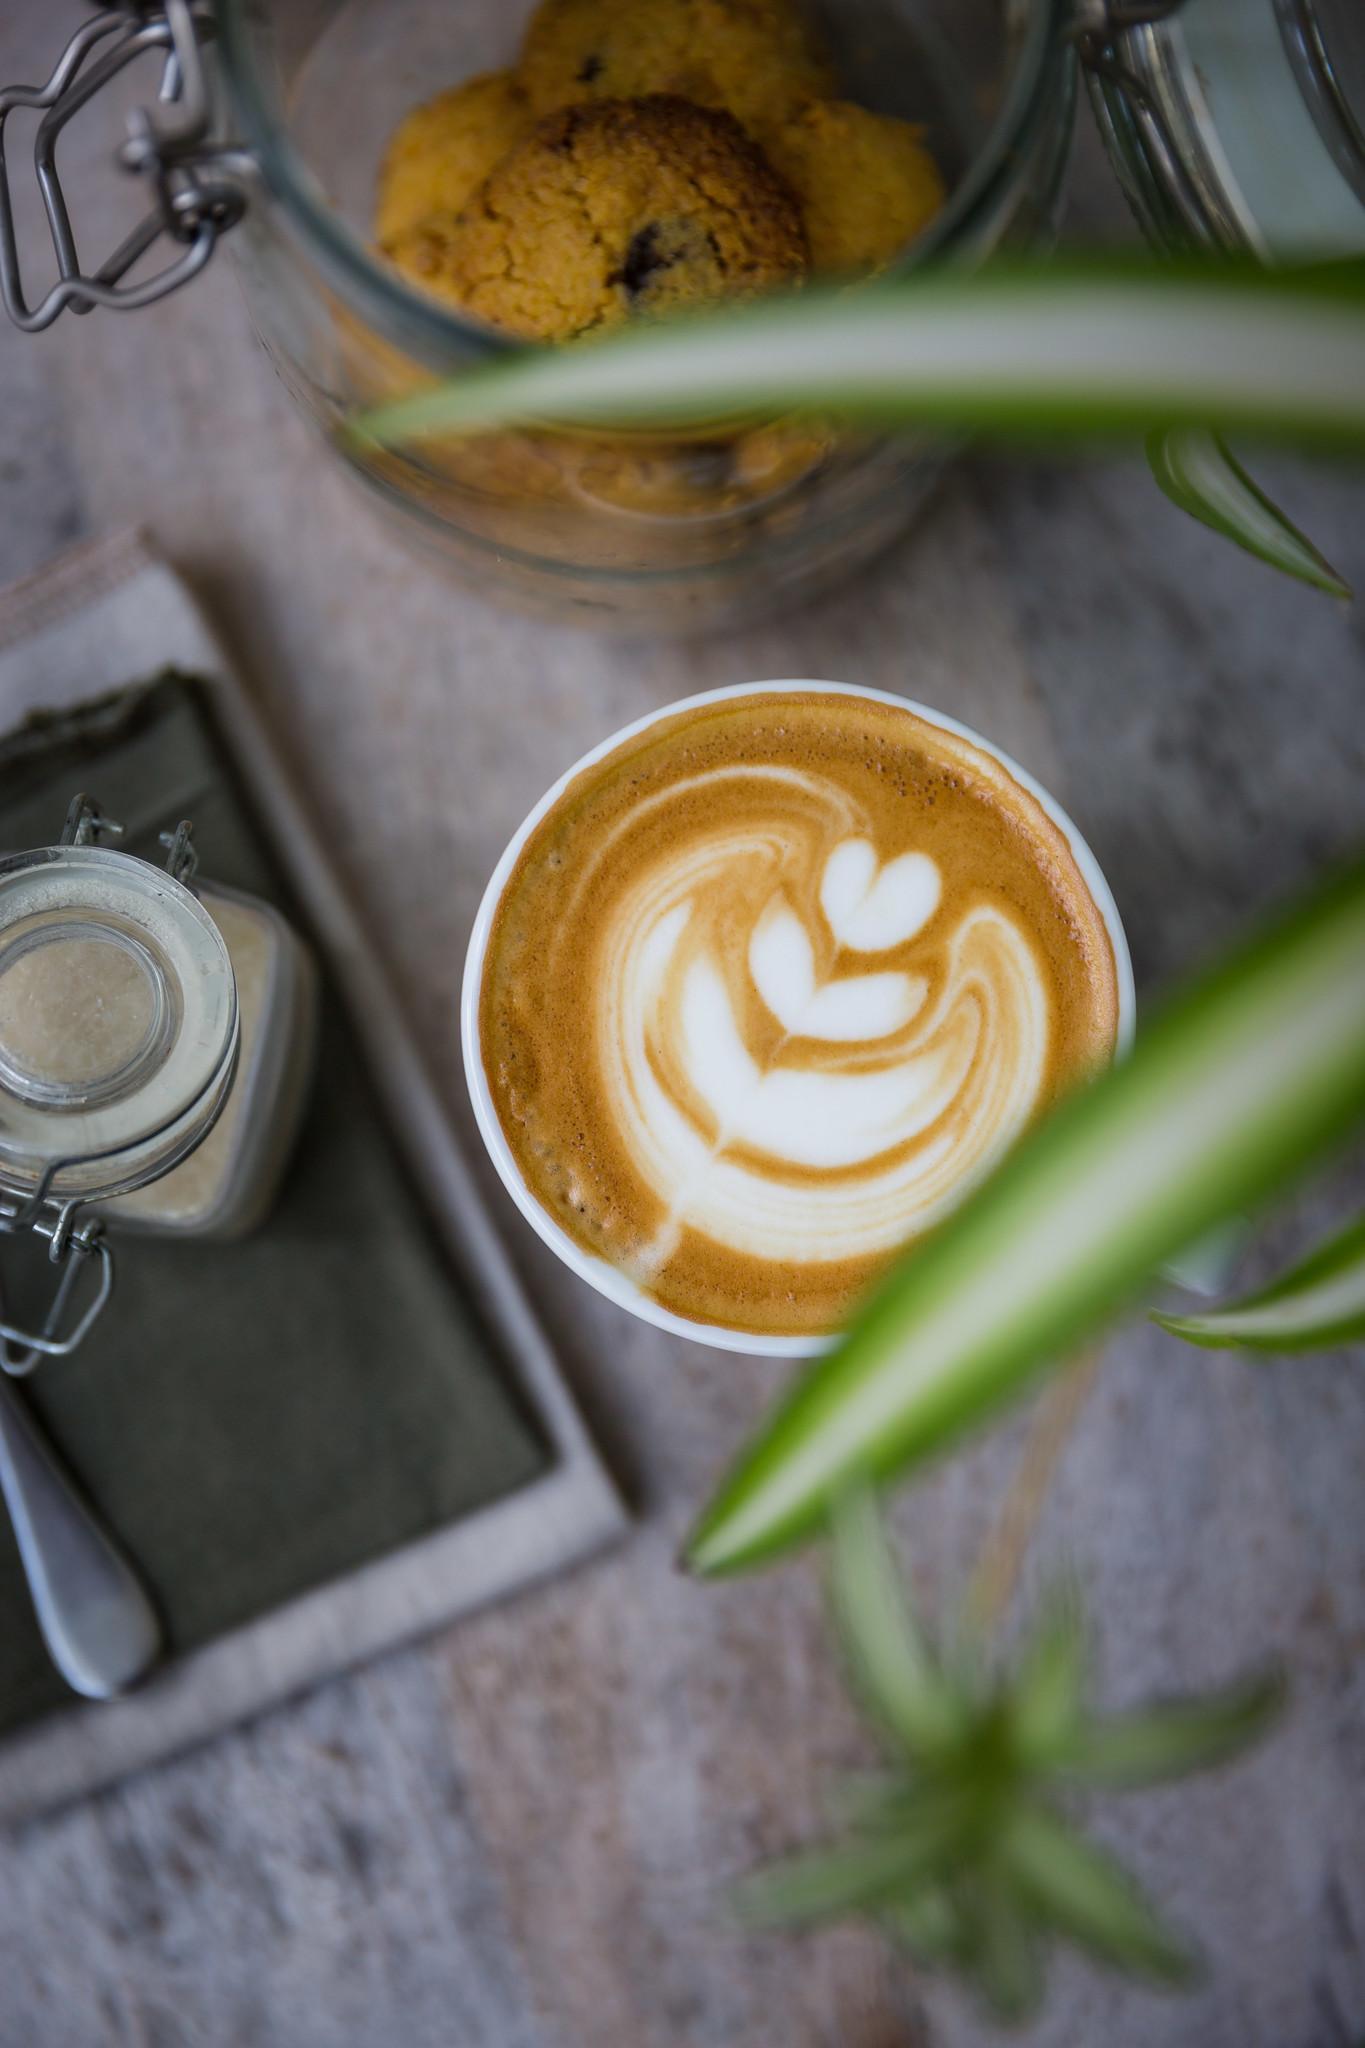 Een echte aanrader voor koffieliefhebbers en bewuste eters. Hier werken mensen met hart voor de zaak die alles weten van hun producten en de ingrediënten waarmee ze werken. Als je een voedselallergie hebt kun je hier met een gerust hart terecht.  - Ina